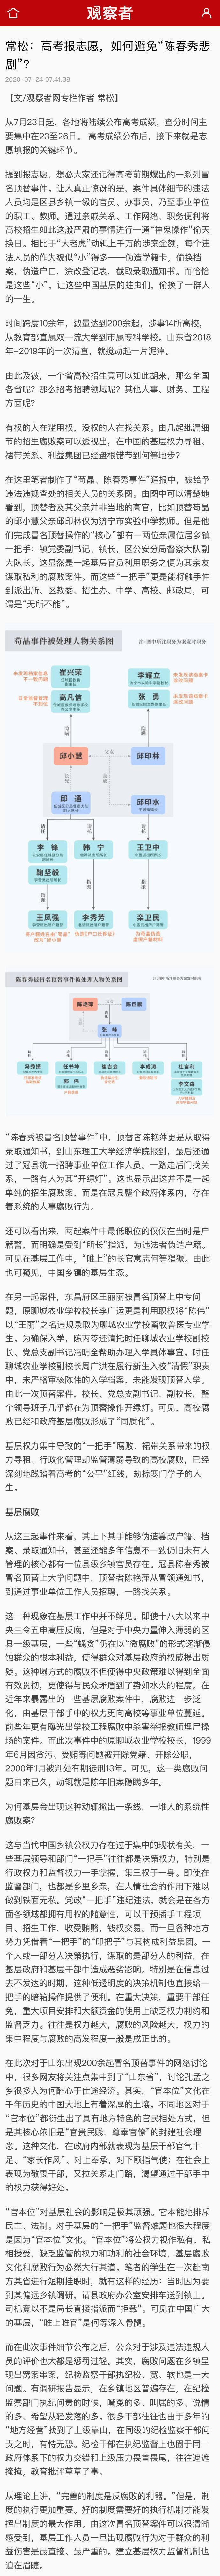 """高考报志愿,如何避免""""陈春秀悲剧""""?"""